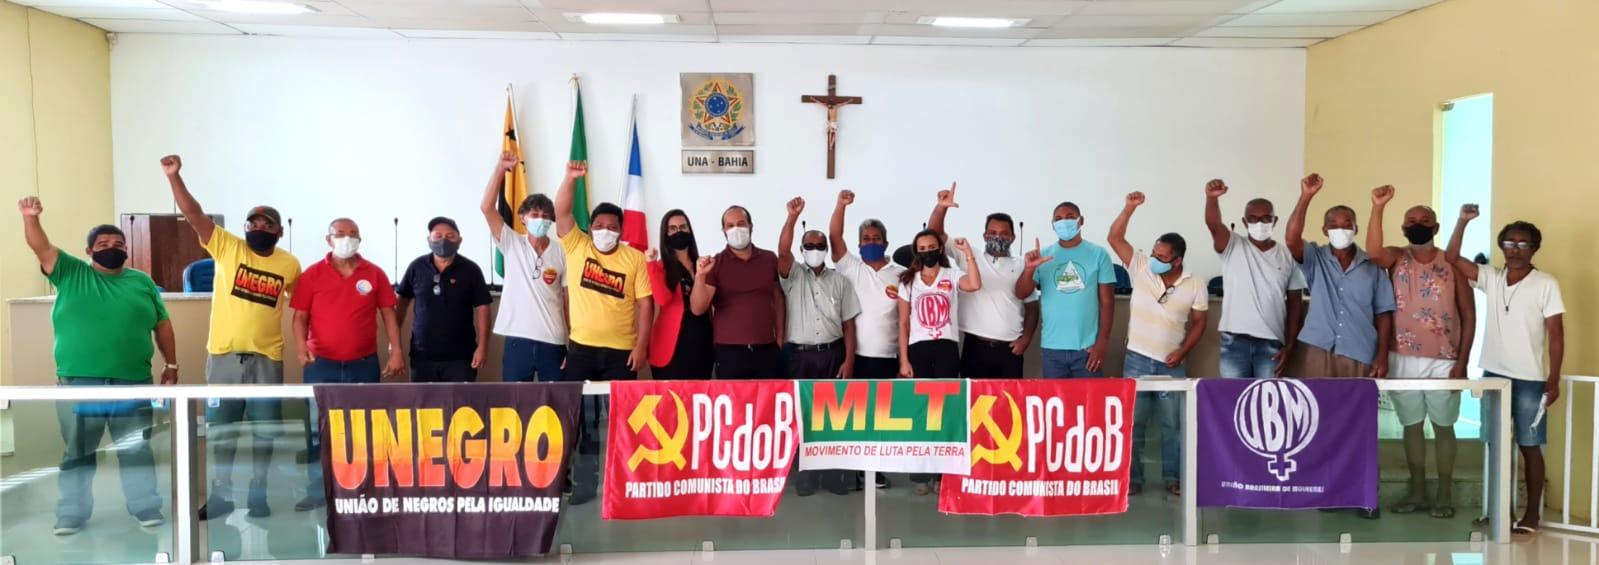 Conferencia-PCdoB-Una